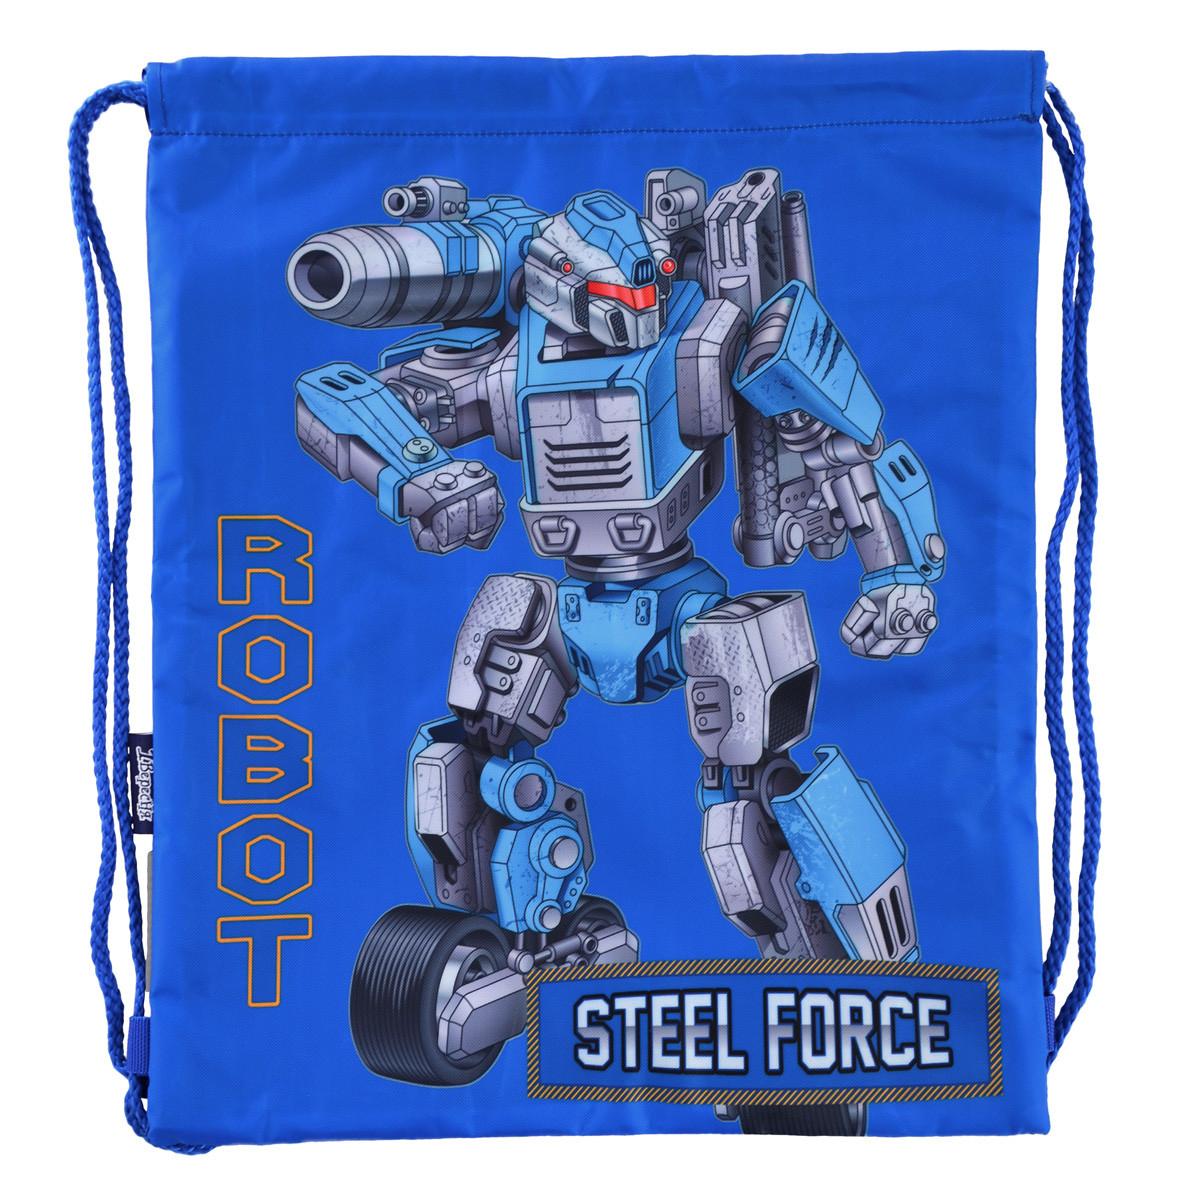 Сумка для обуви 1 Вересня SB-10 Steel Force код: 556288